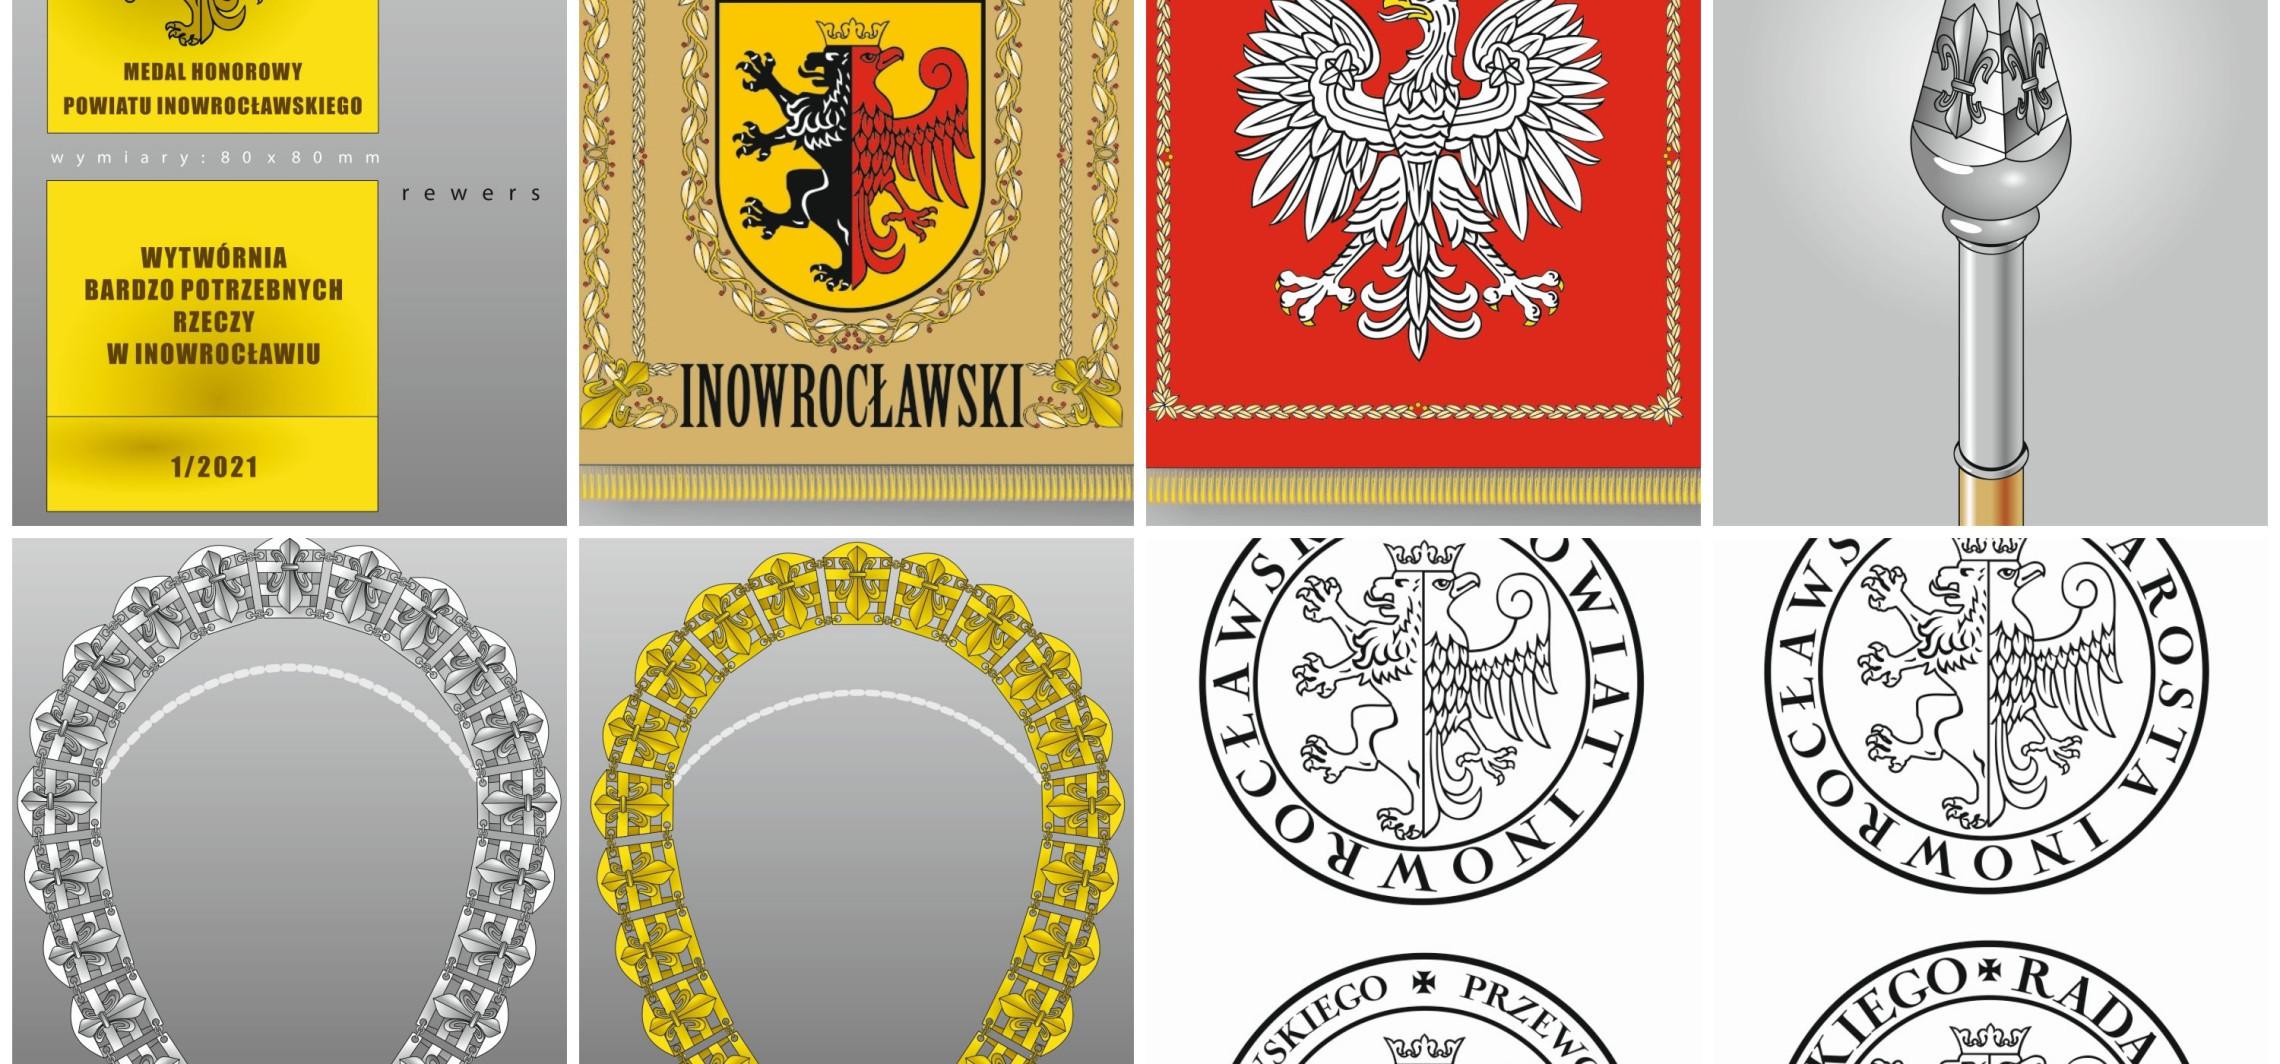 Inowrocław - Nowości w powiecie. Będą przyznawać medale